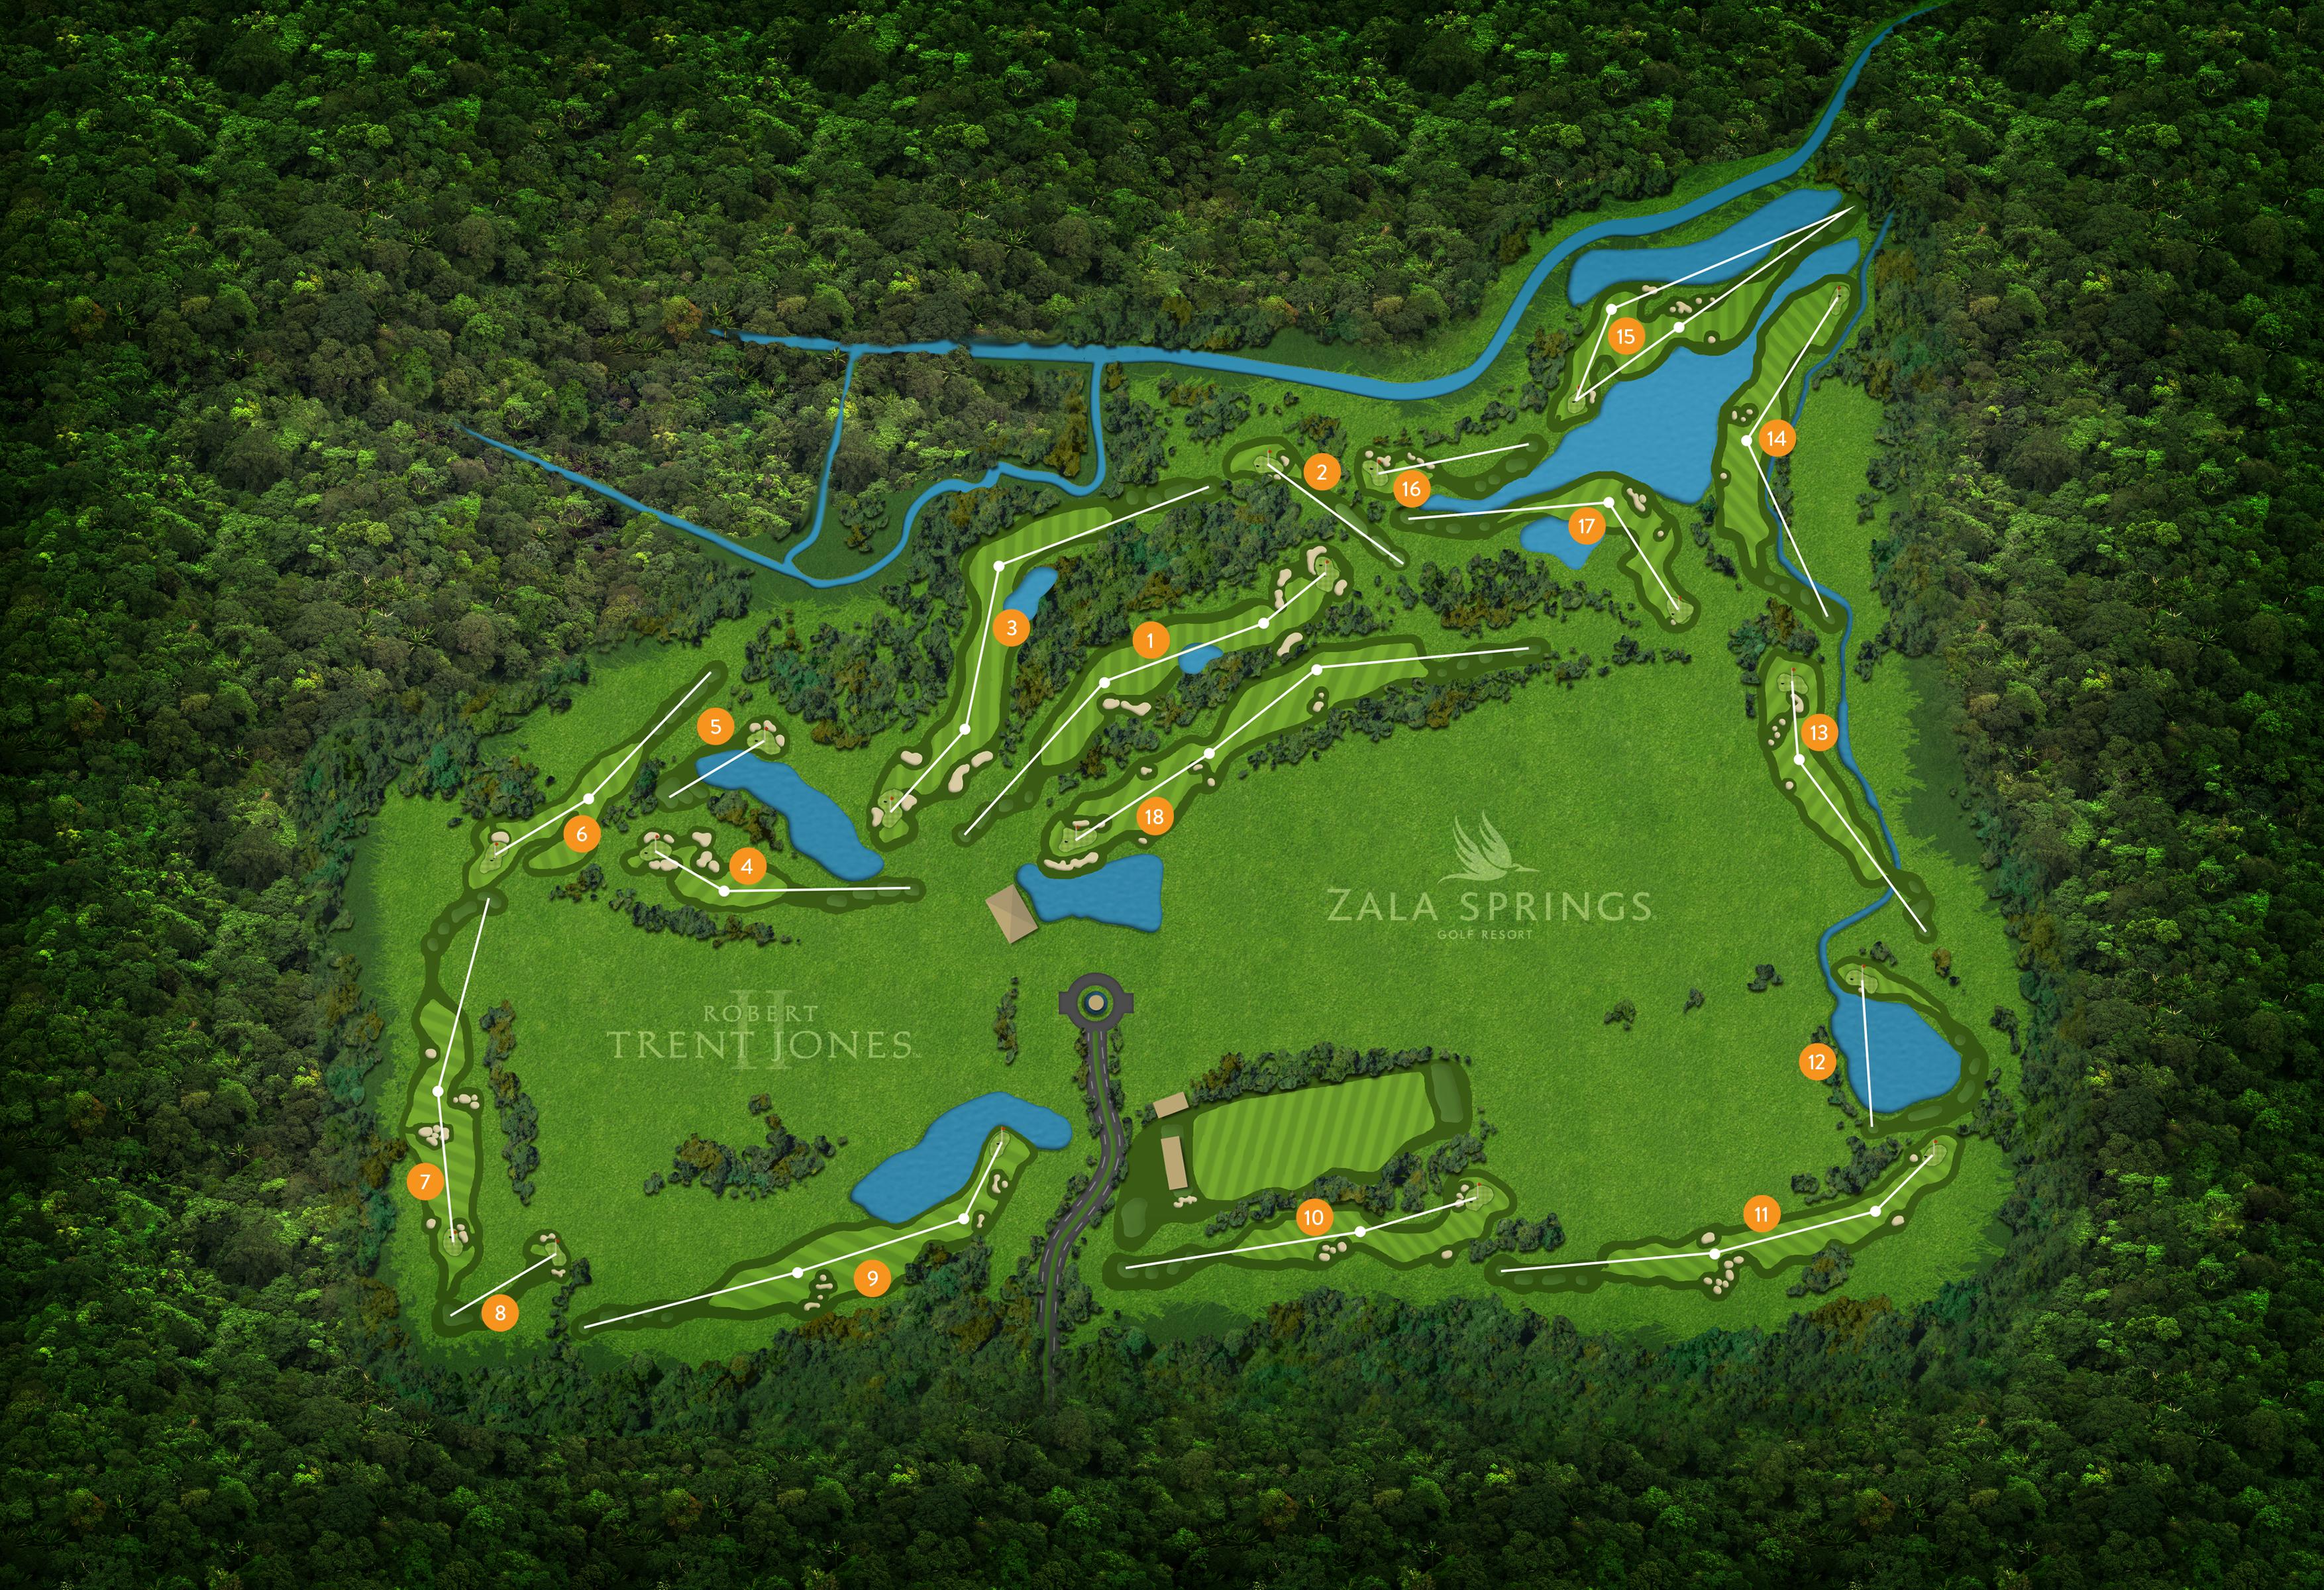 Klára borgun, Zala Springs golfferð Image